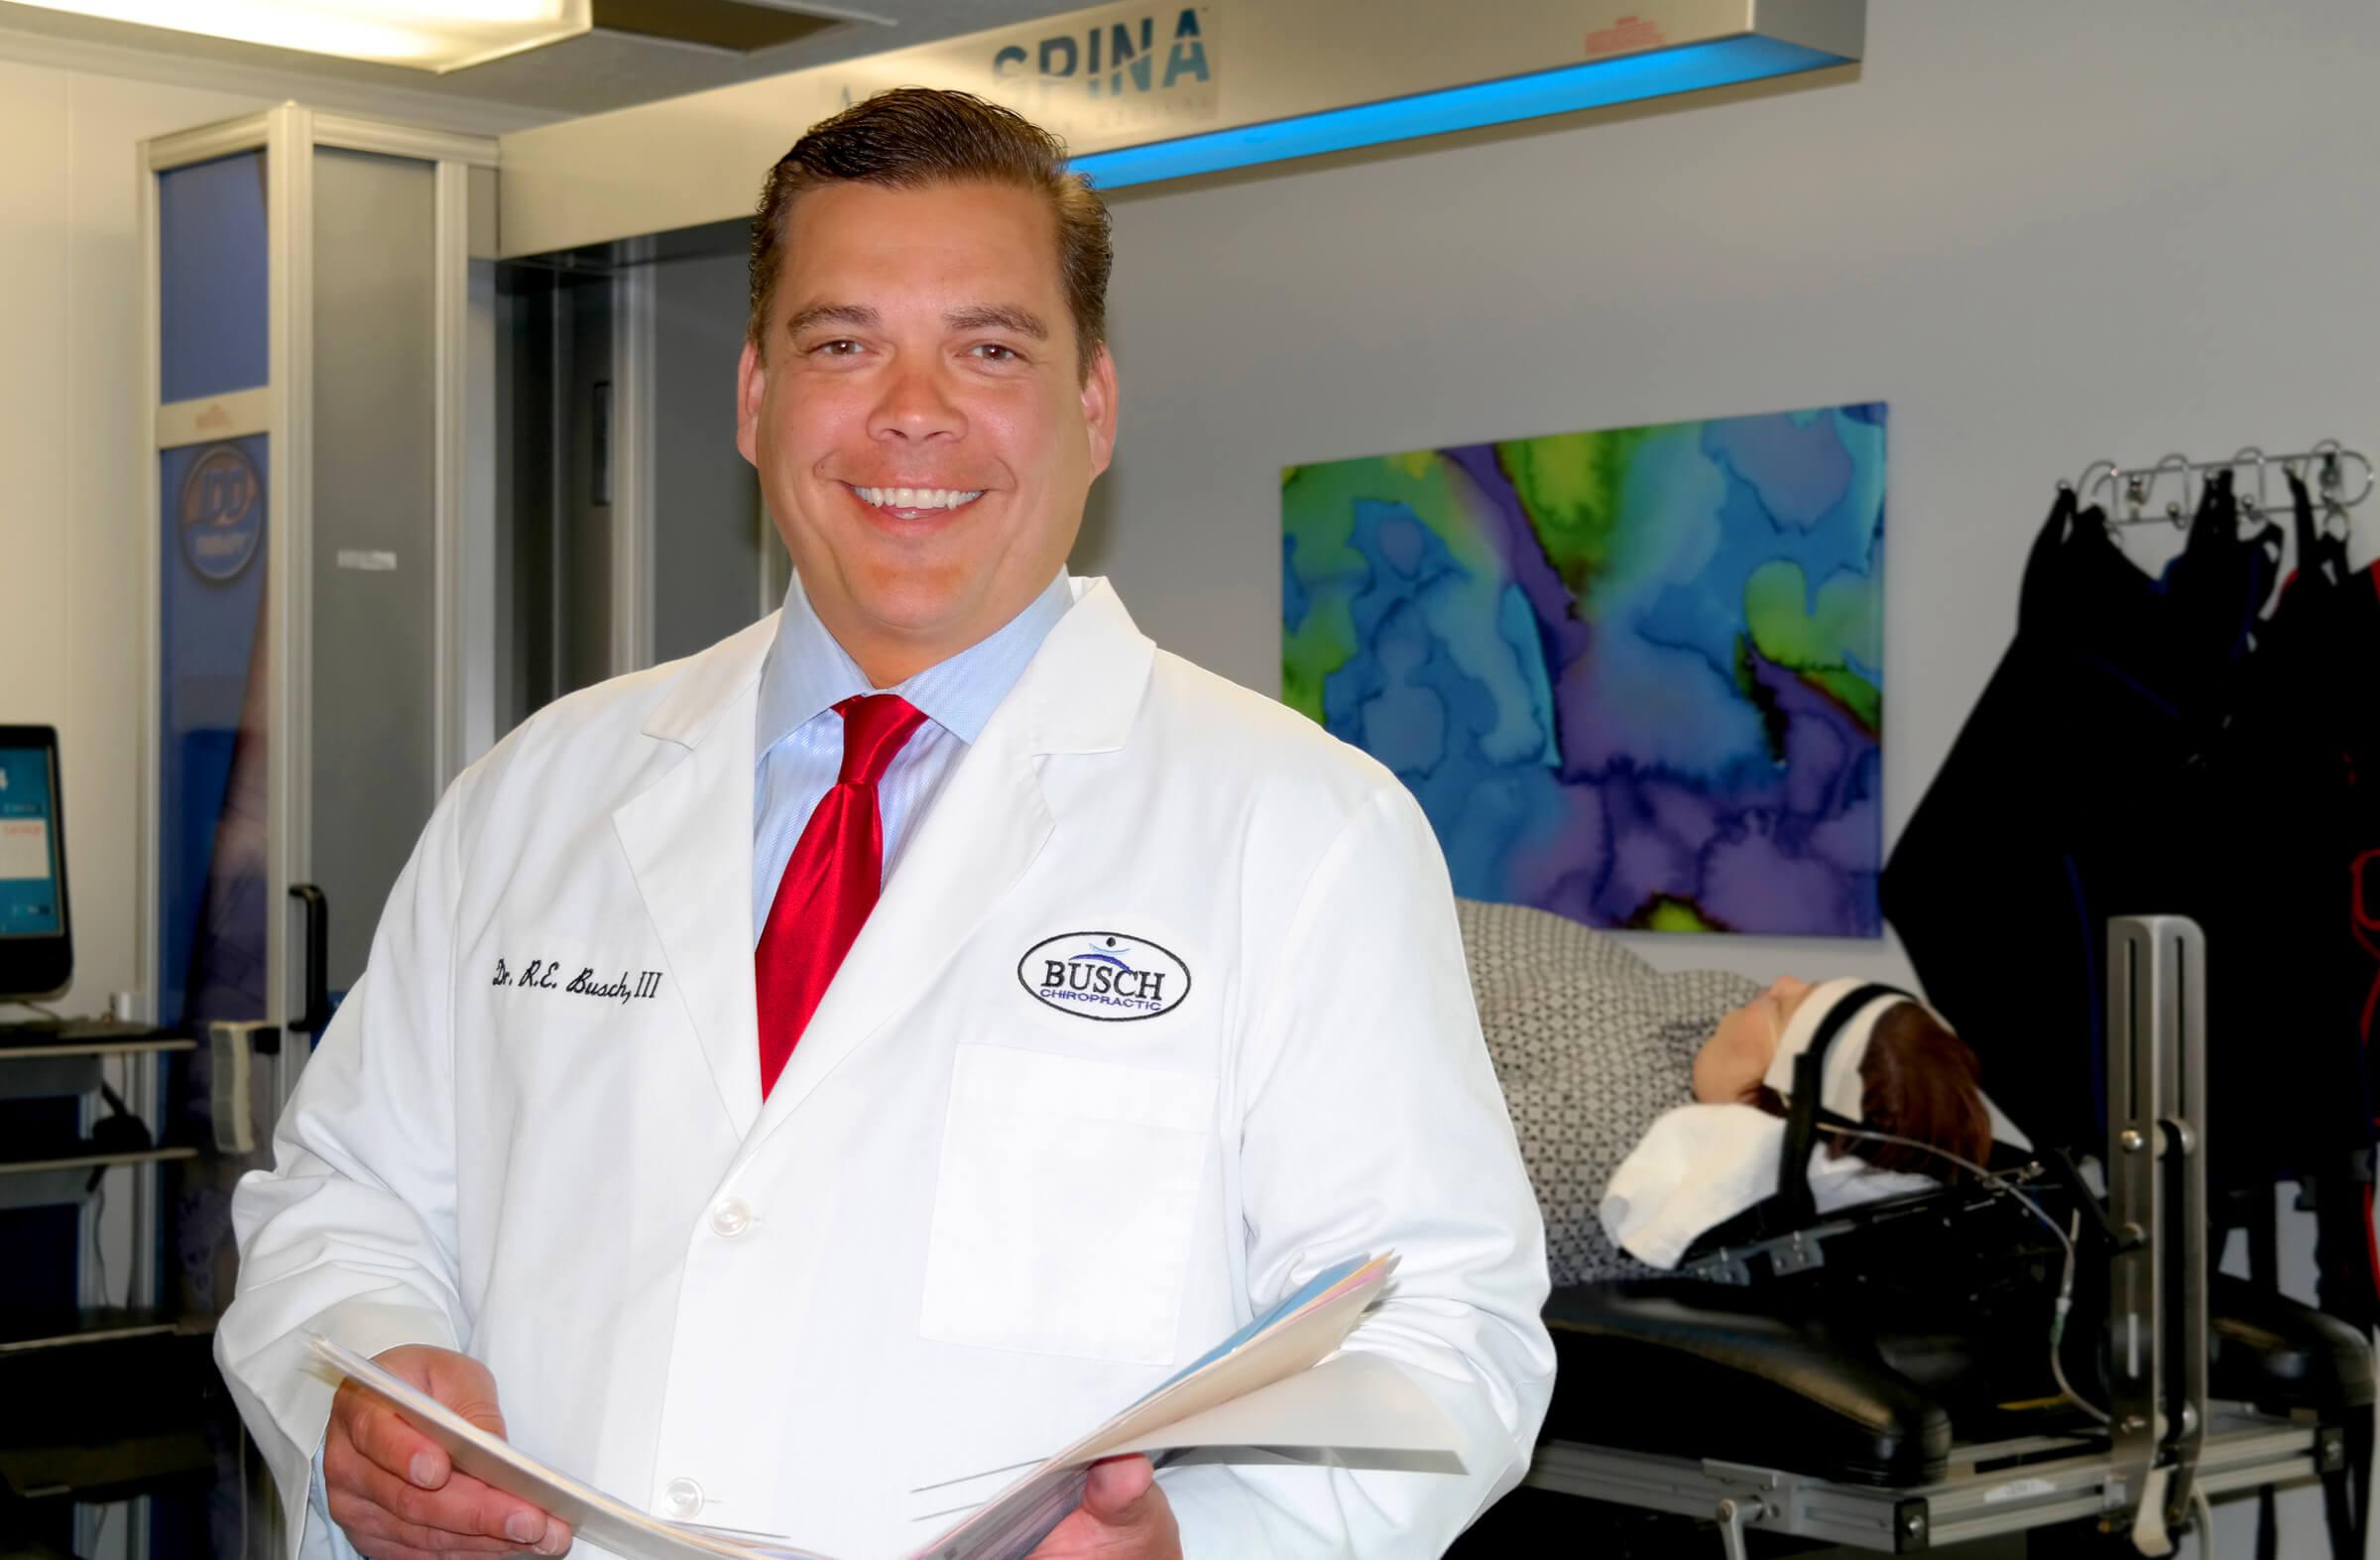 Fort Wayne chiropractor Dr. Richard E. Busch